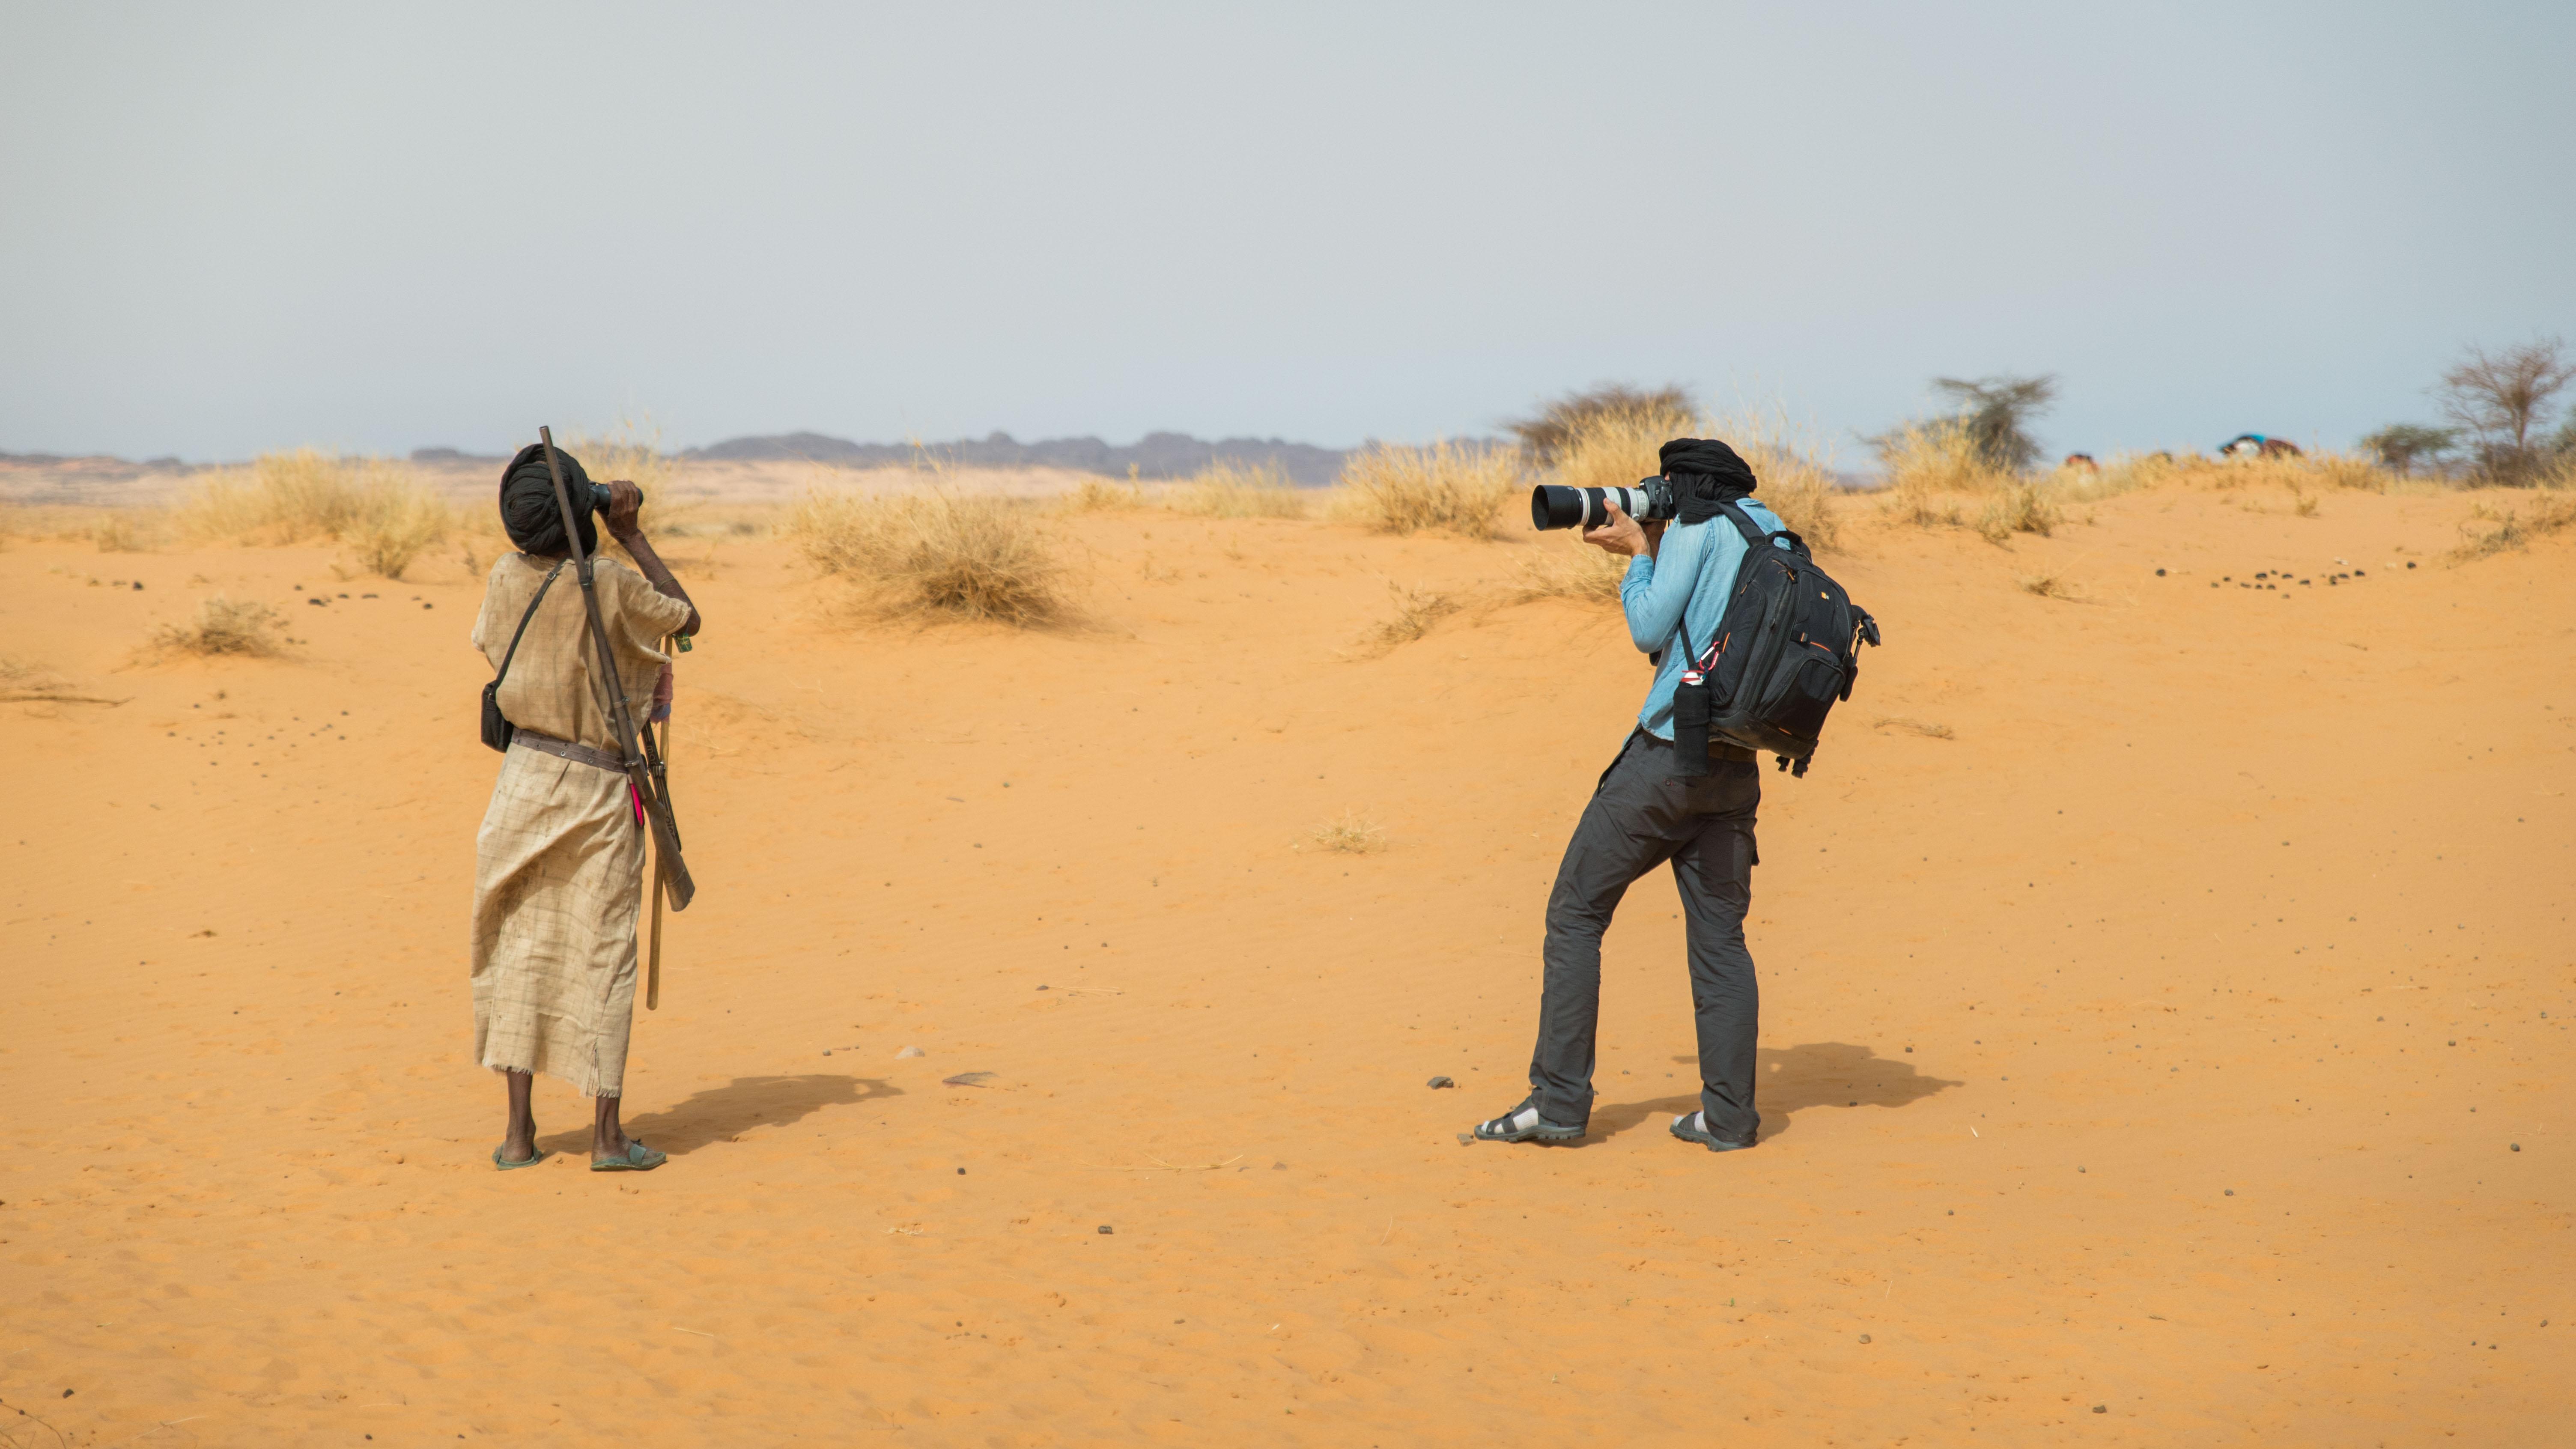 Jonathan en train de photographier sidi Ahmed